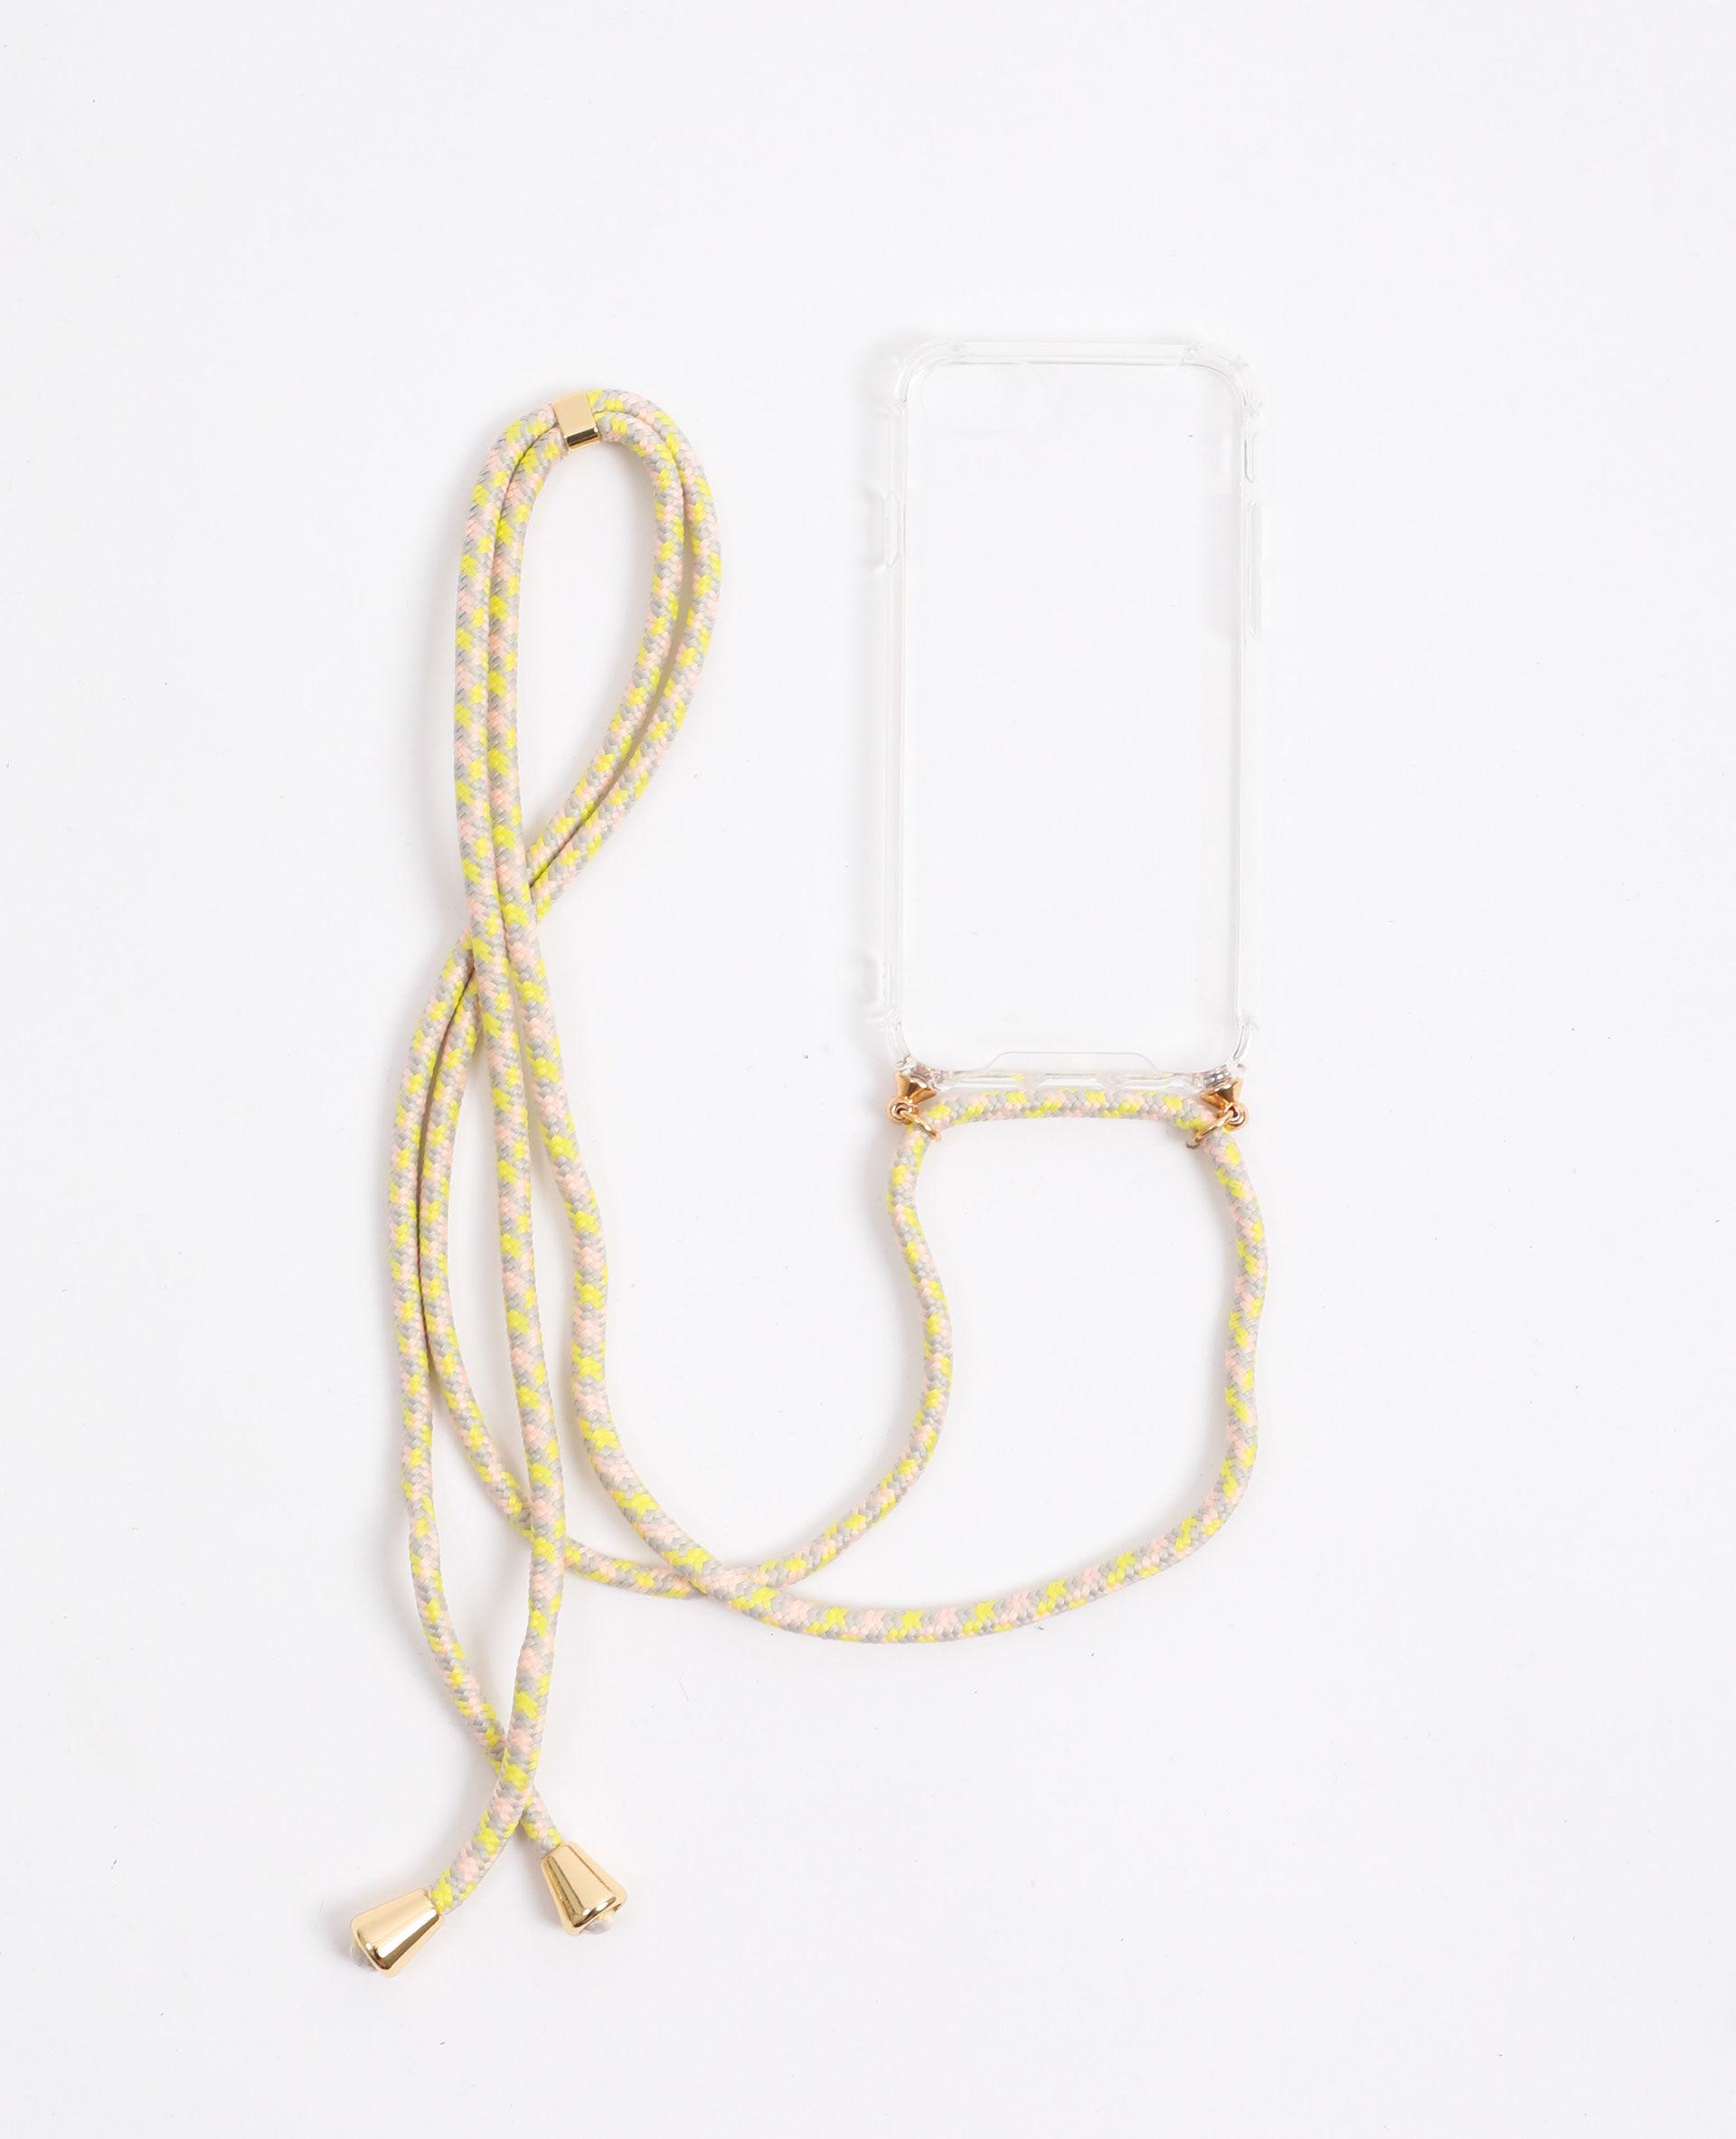 Coque avec cordon compatible iPhone Femme - Couleur beige...